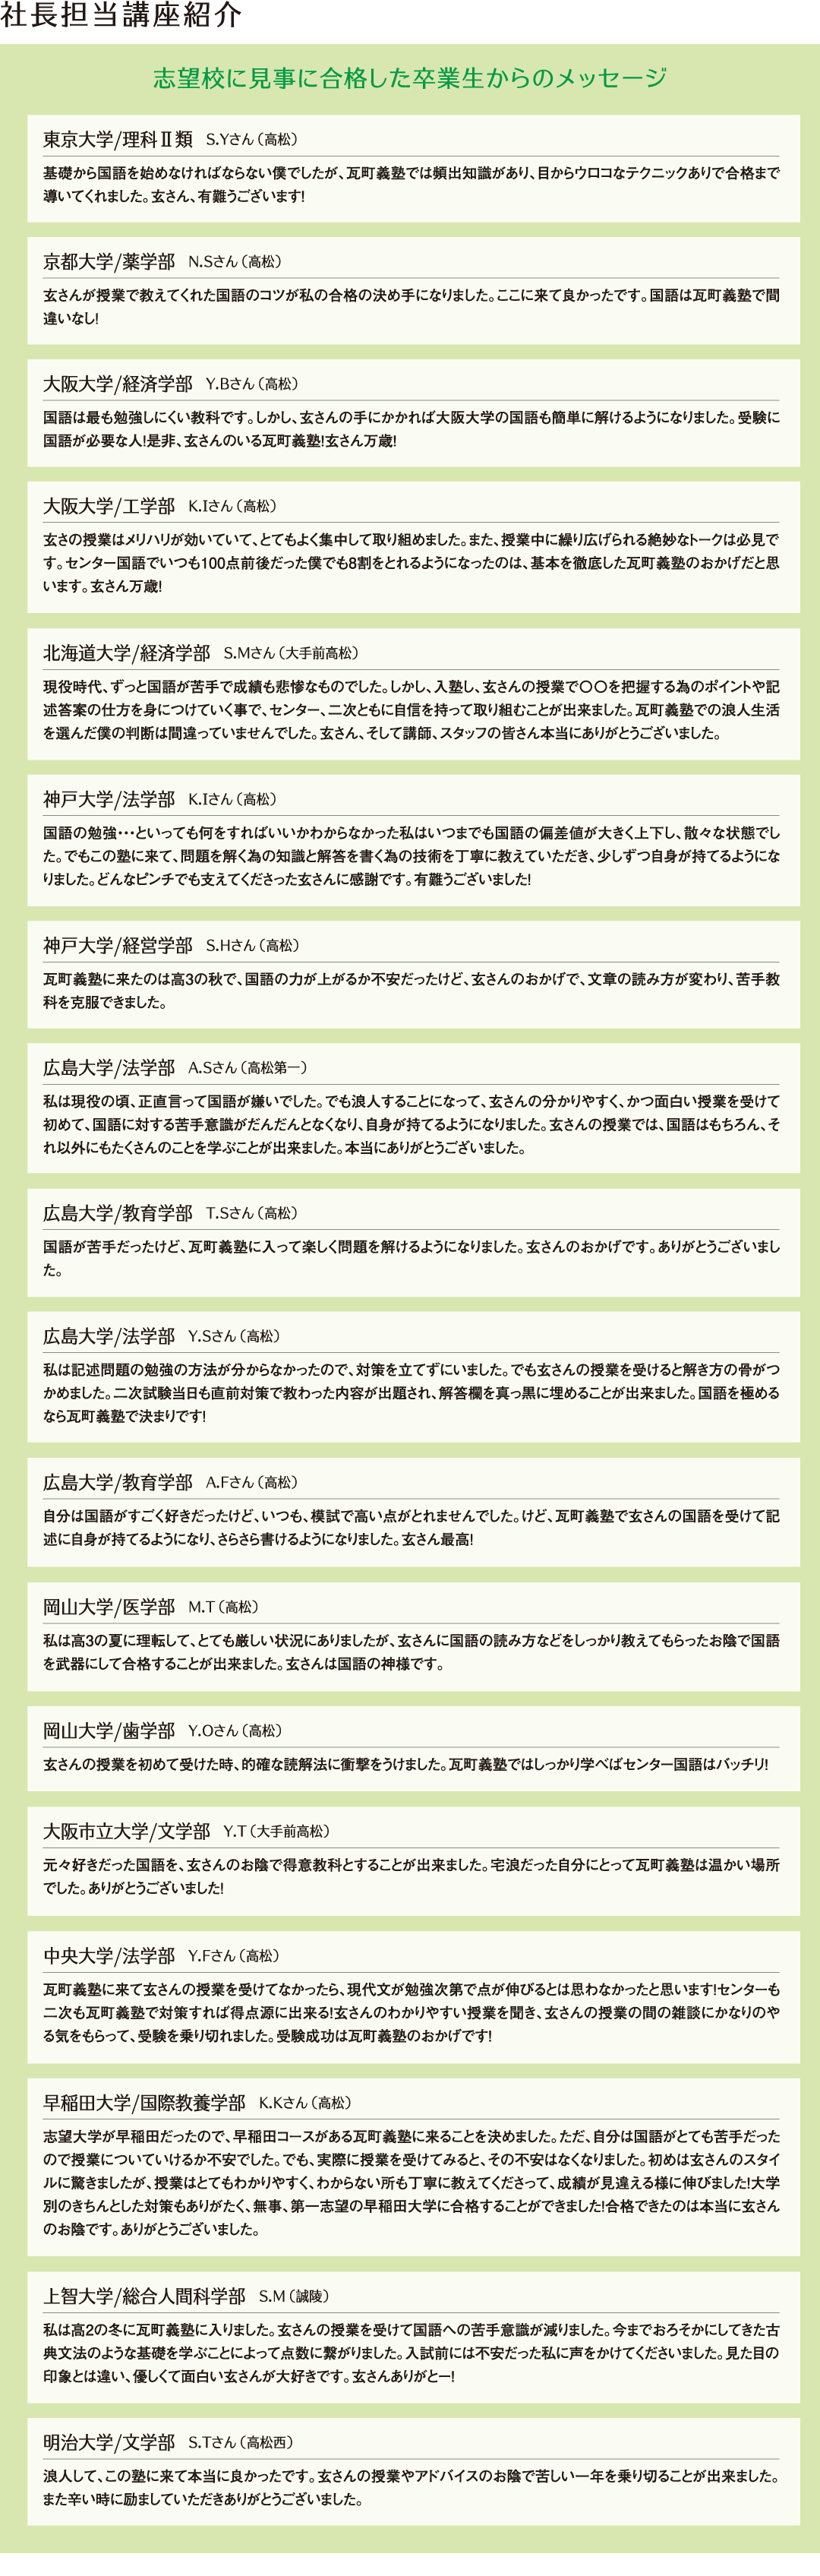 合格した卒業生からのメッセージ 瓦町義塾 社長担当講座。瓦町義塾の社長自ら教鞭を執る講座は、東京大学、京都大学、早稲田大学、広島大学、岡山大学など有名志望校に合格した先輩たちから高い支持を受けております。